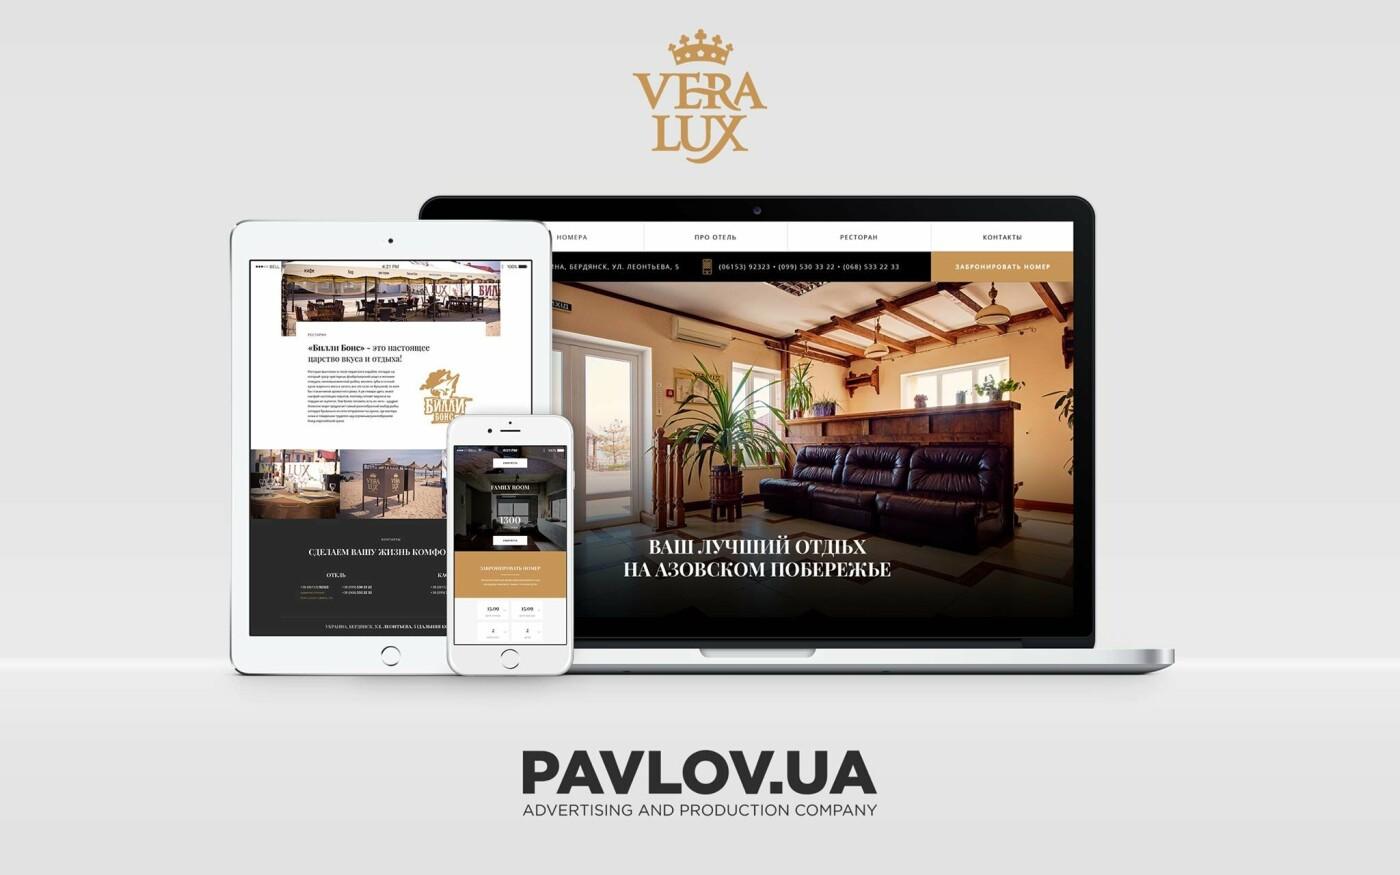 Компания Pavlov.ua вошла в ТОП 100 лучших digital-агентств Украины, фото-18